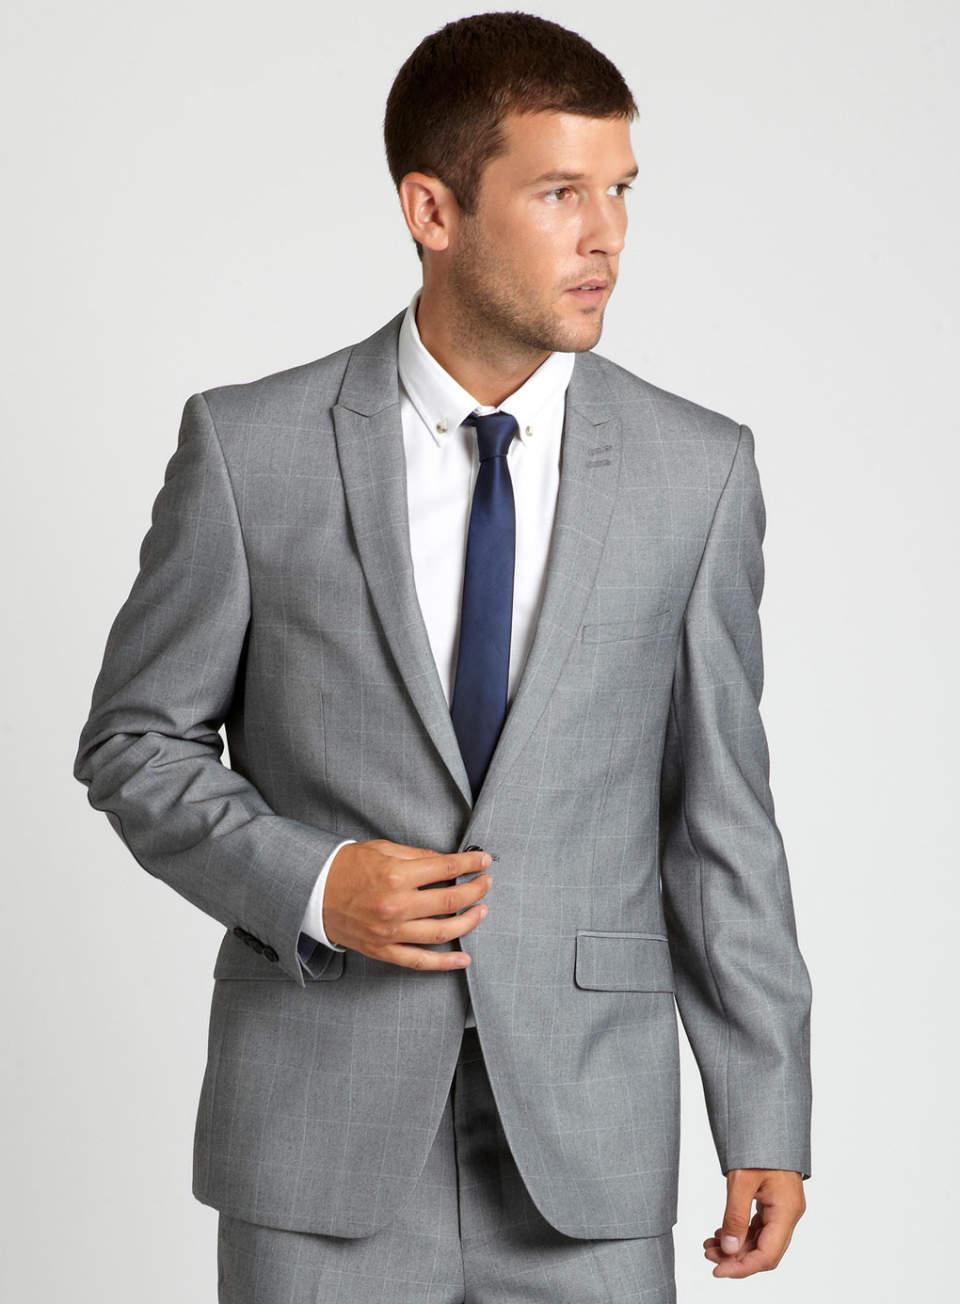 【スーツの豆知識】スーツを選ぶ時に知っておきたい、色が与える印象をまとめてみた 4番目の画像